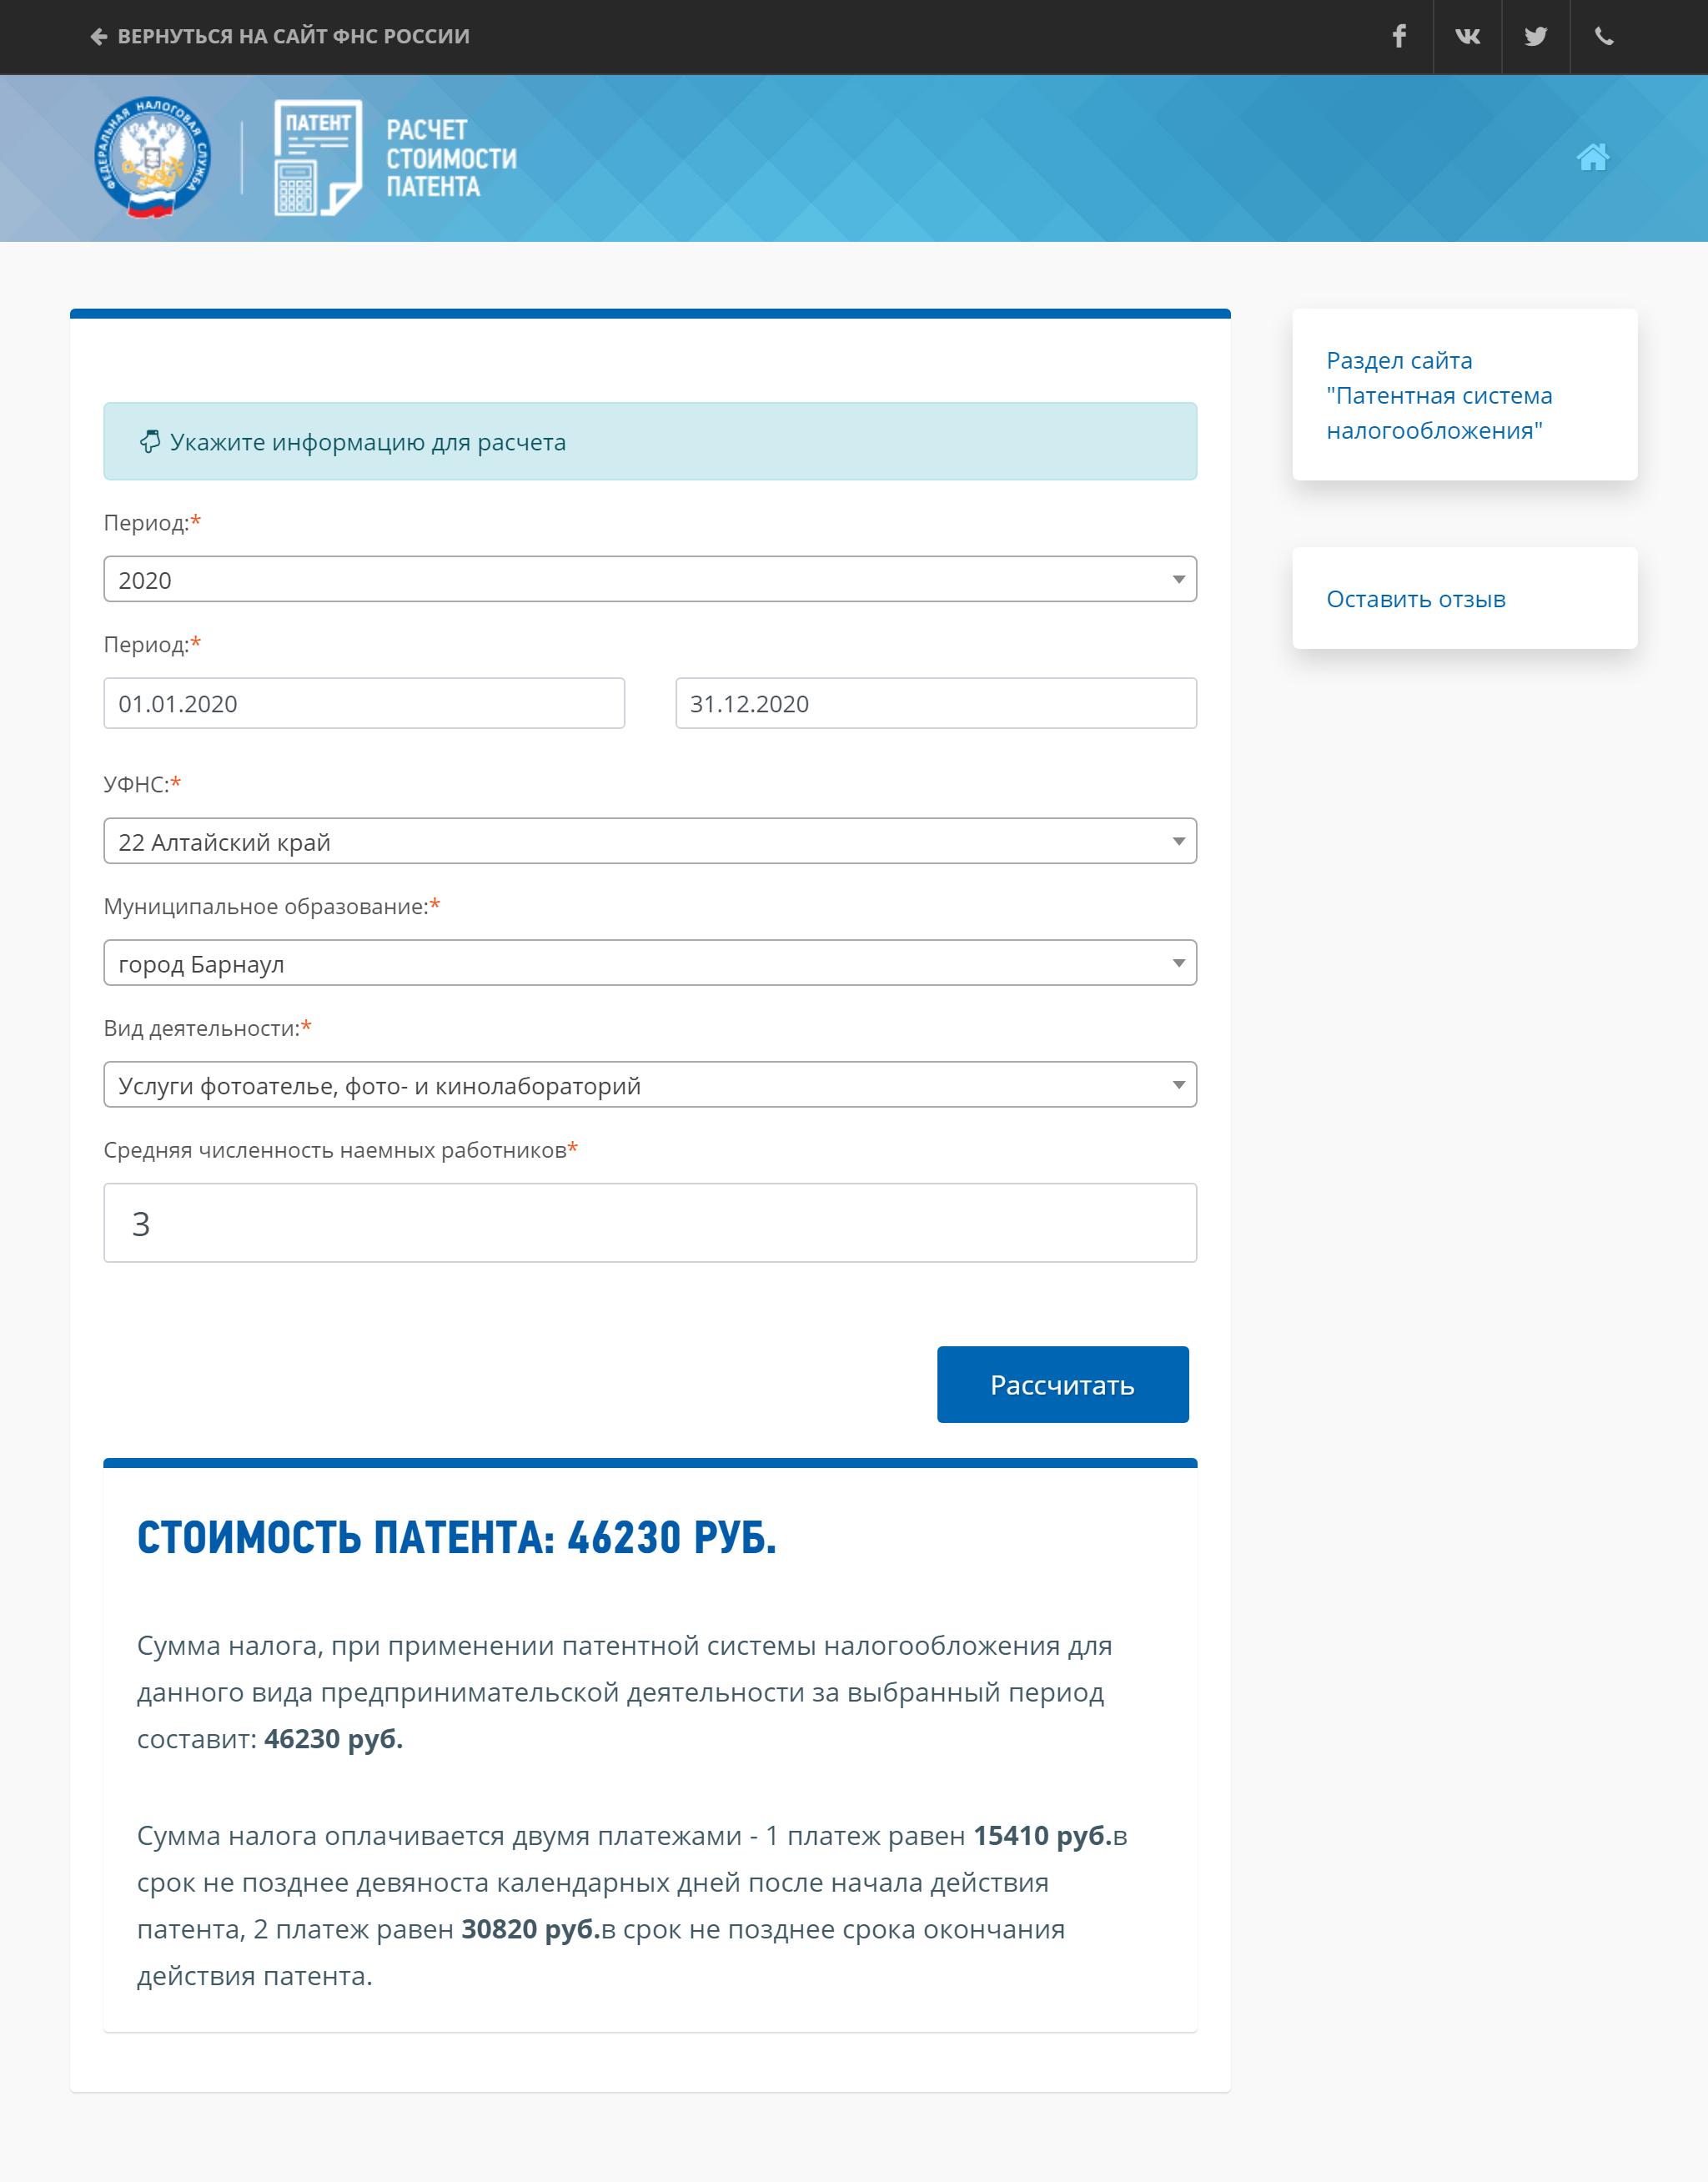 Фотоателье из Барнаула работает как ИП и хочет узнать стоимость патента на&nbsp;год. В&nbsp;штате три сотрудника. Вводим данные в&nbsp;калькулятор. Нажимаем «Рассчитать» — и сервис показывает стоимость патента. Патент для&nbsp;барнаульского фотоателье на&nbsp;12 месяцев стоит 46 230<span class=ruble>Р</span>